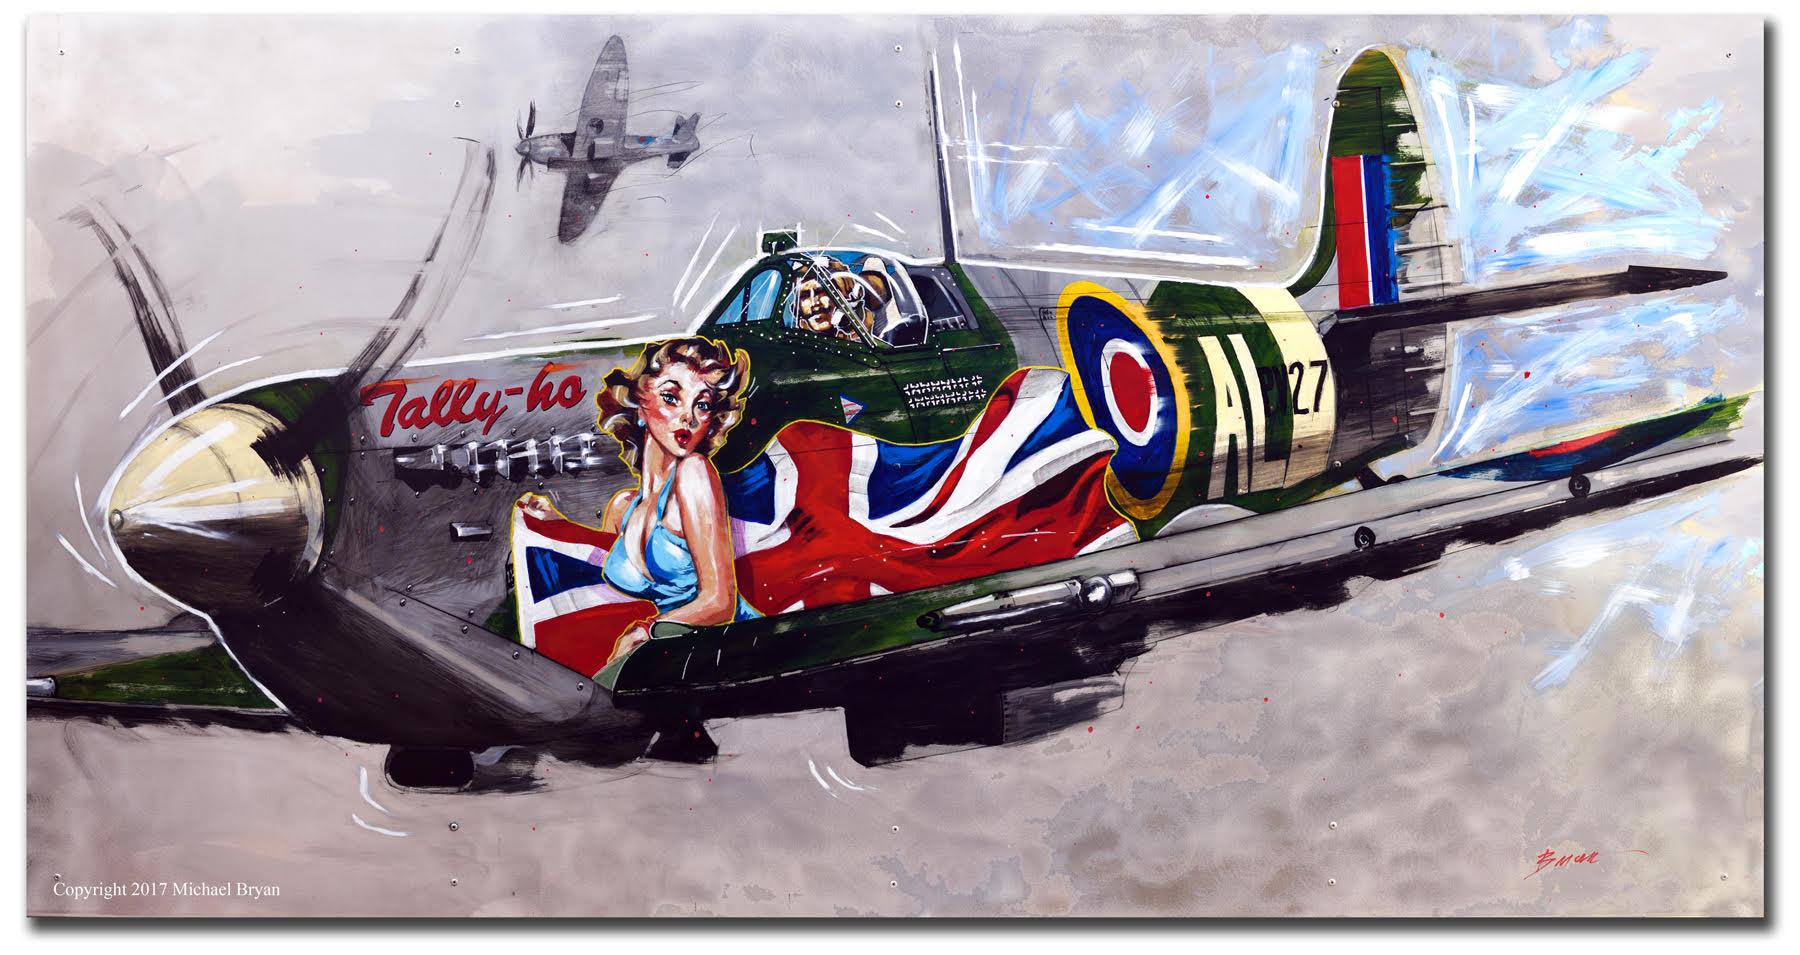 tally-ho+aircraft.jpg